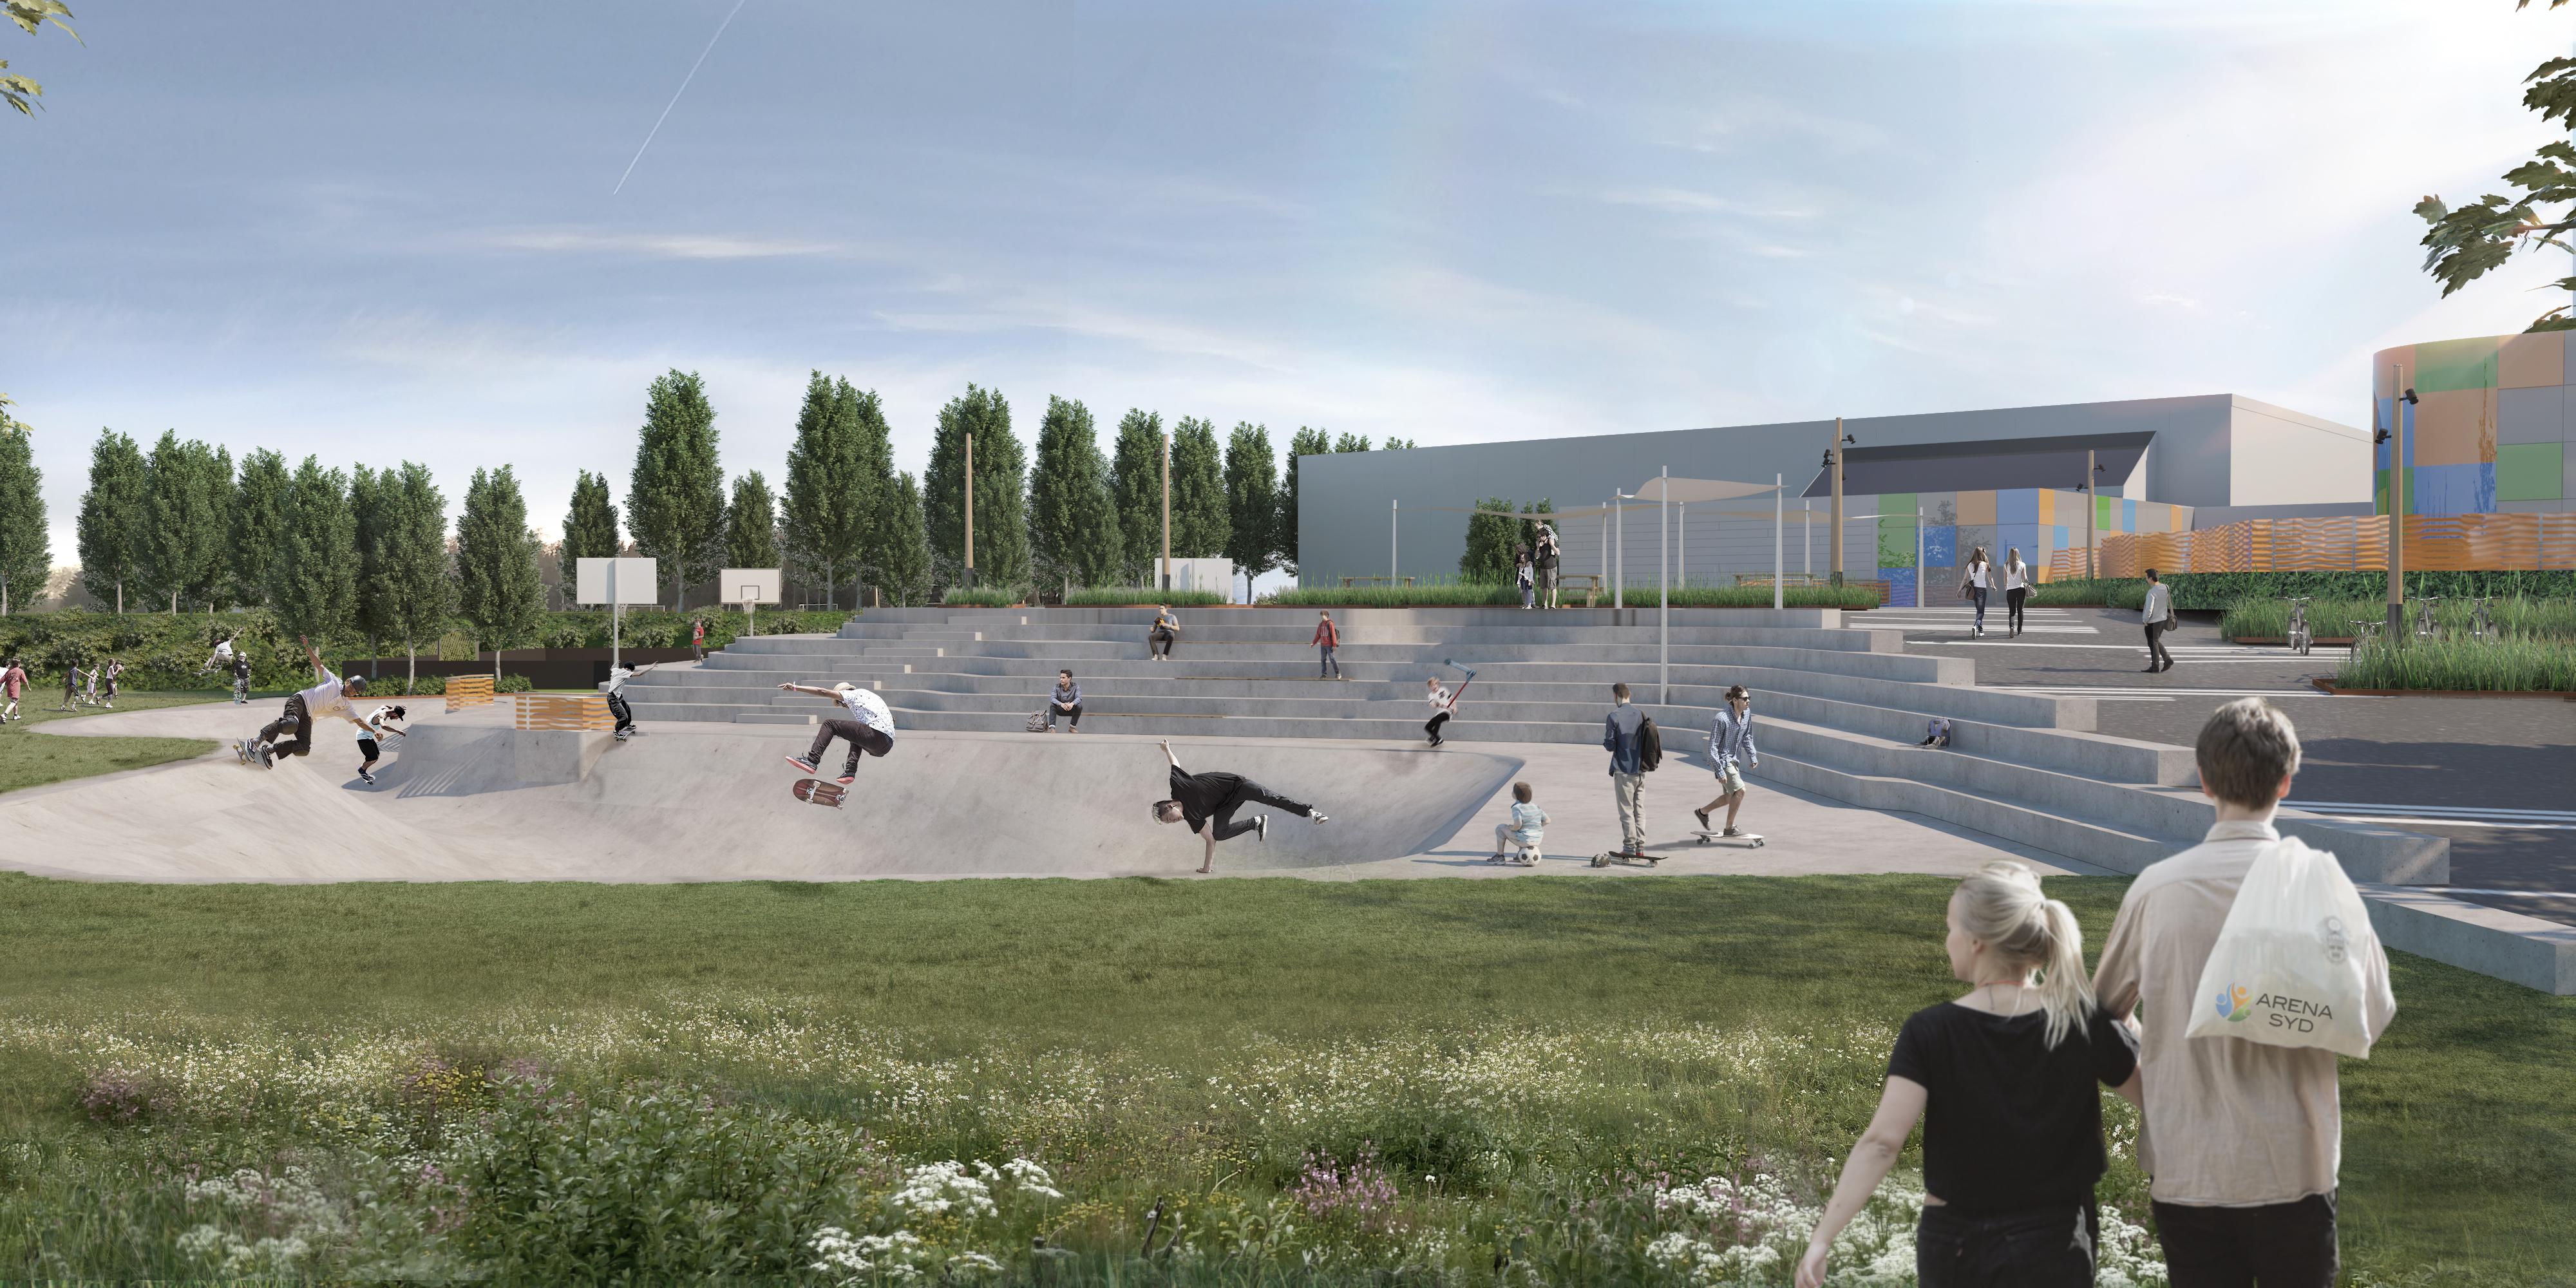 MOOS LANDSKABER Arena Syd